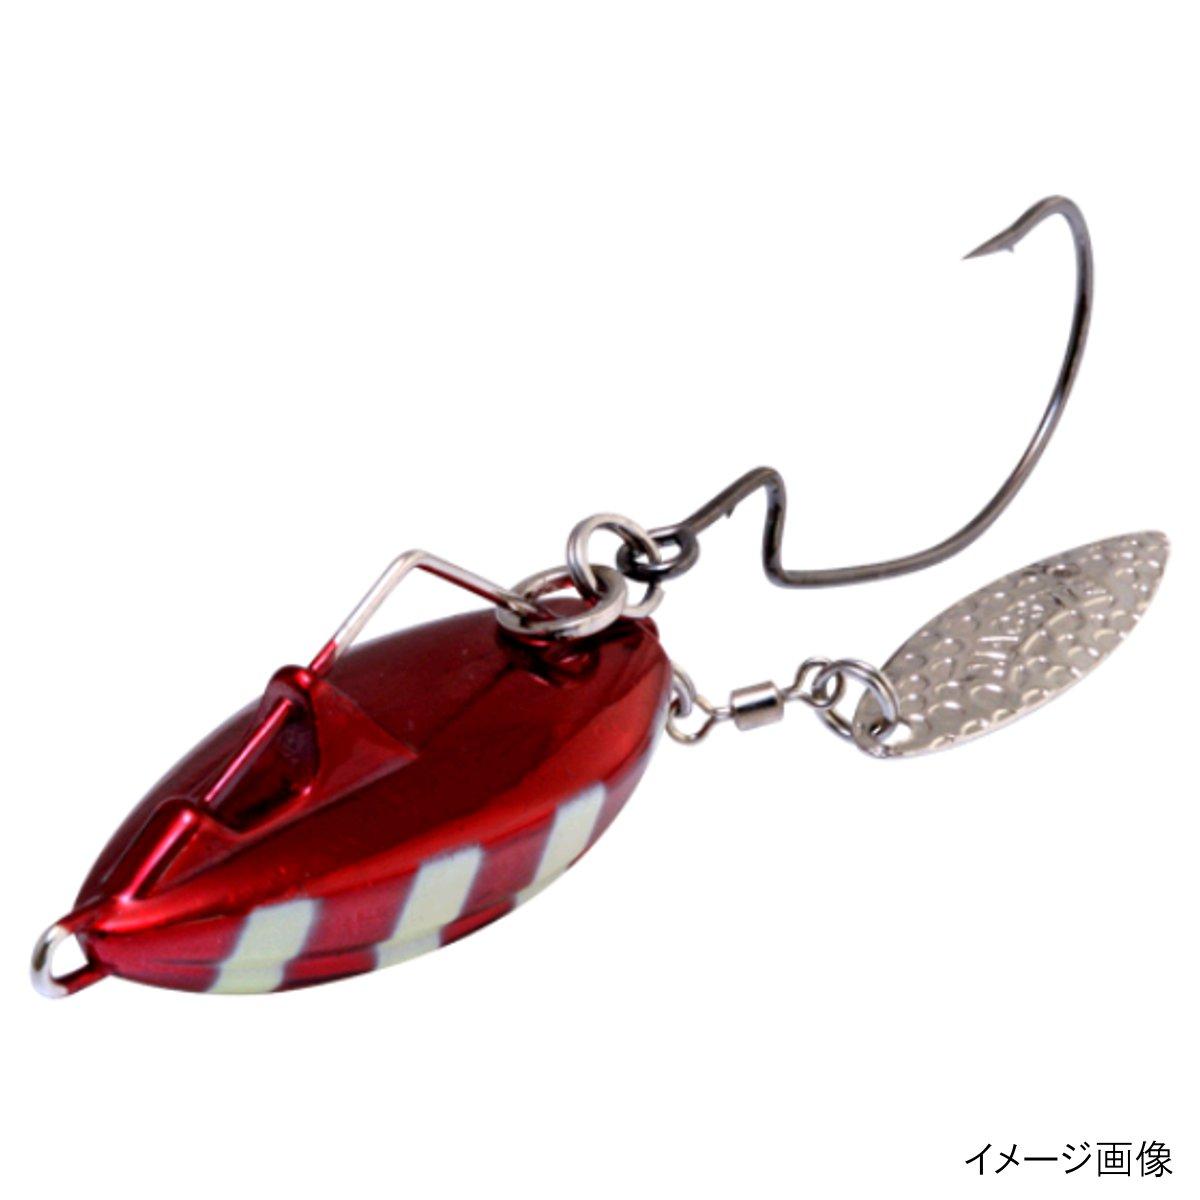 マグバイト バサロHD MBL05 30g 04ZR(ゼブラレッド)【ゆうパケット】